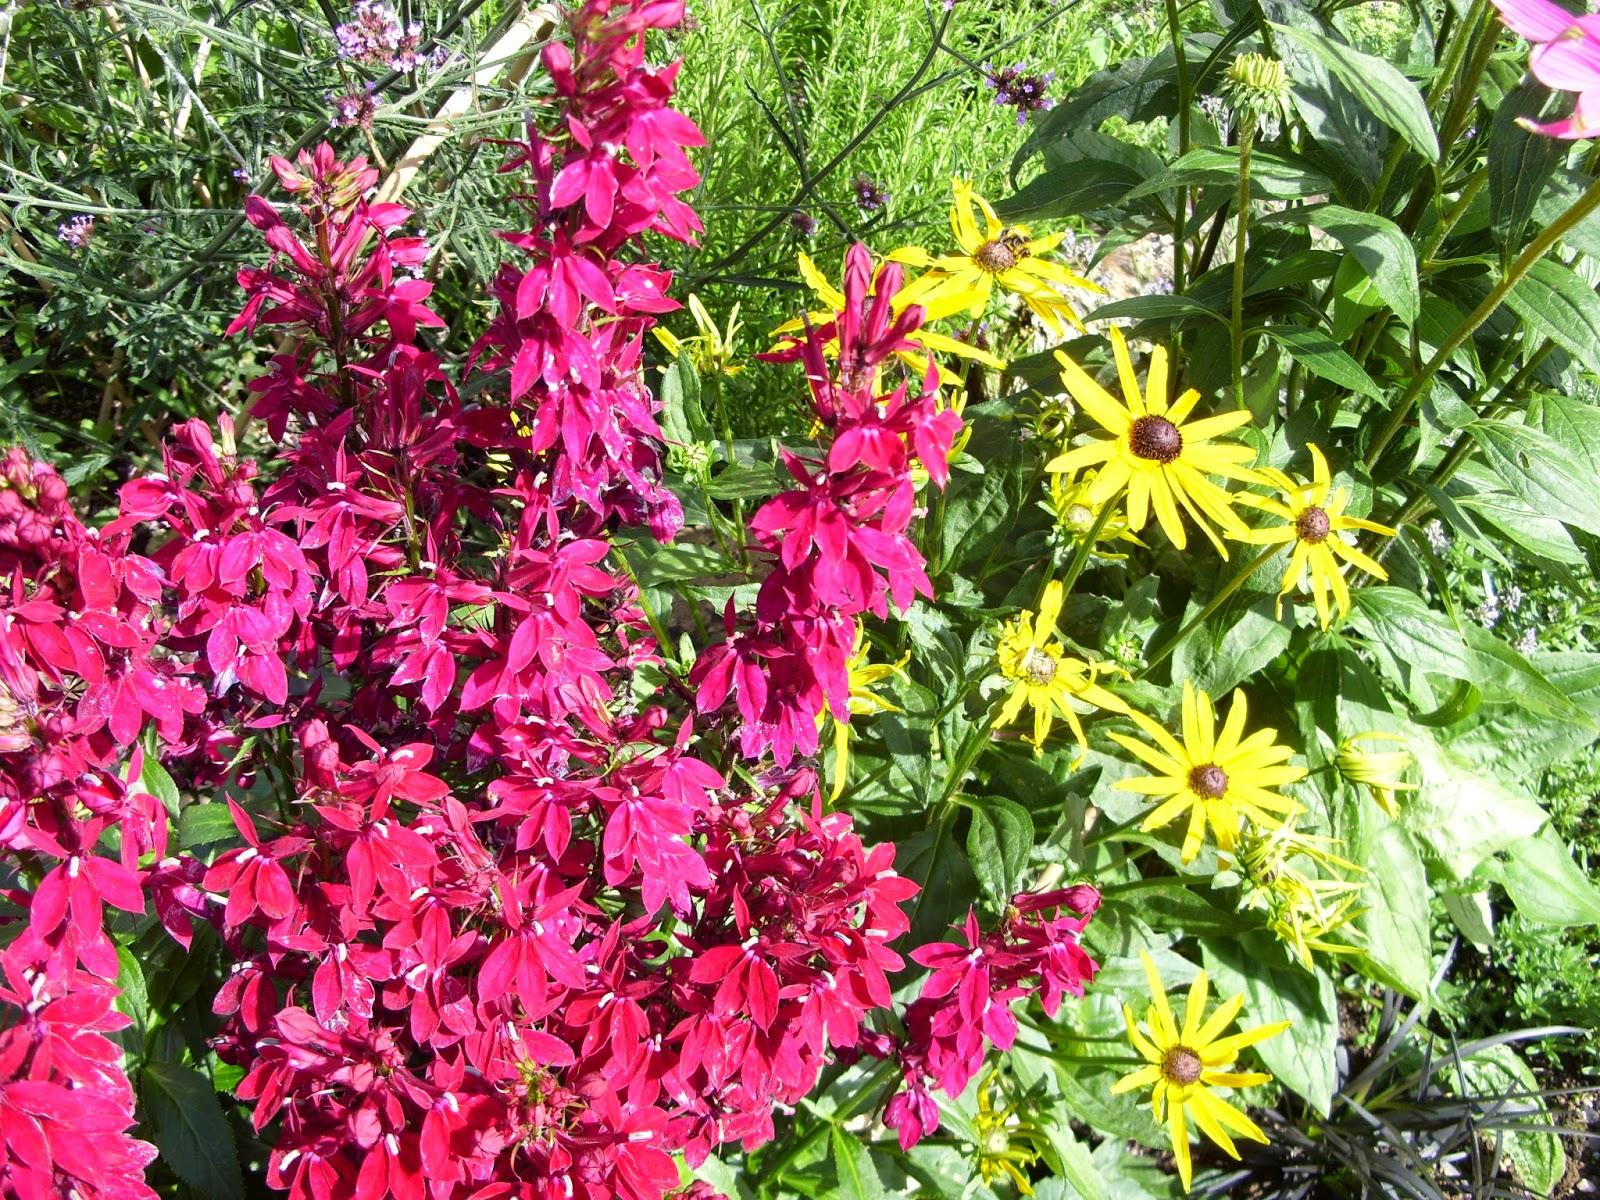 Kelli s Northern Ireland Garden August Flowers Blogger s Bloom Day